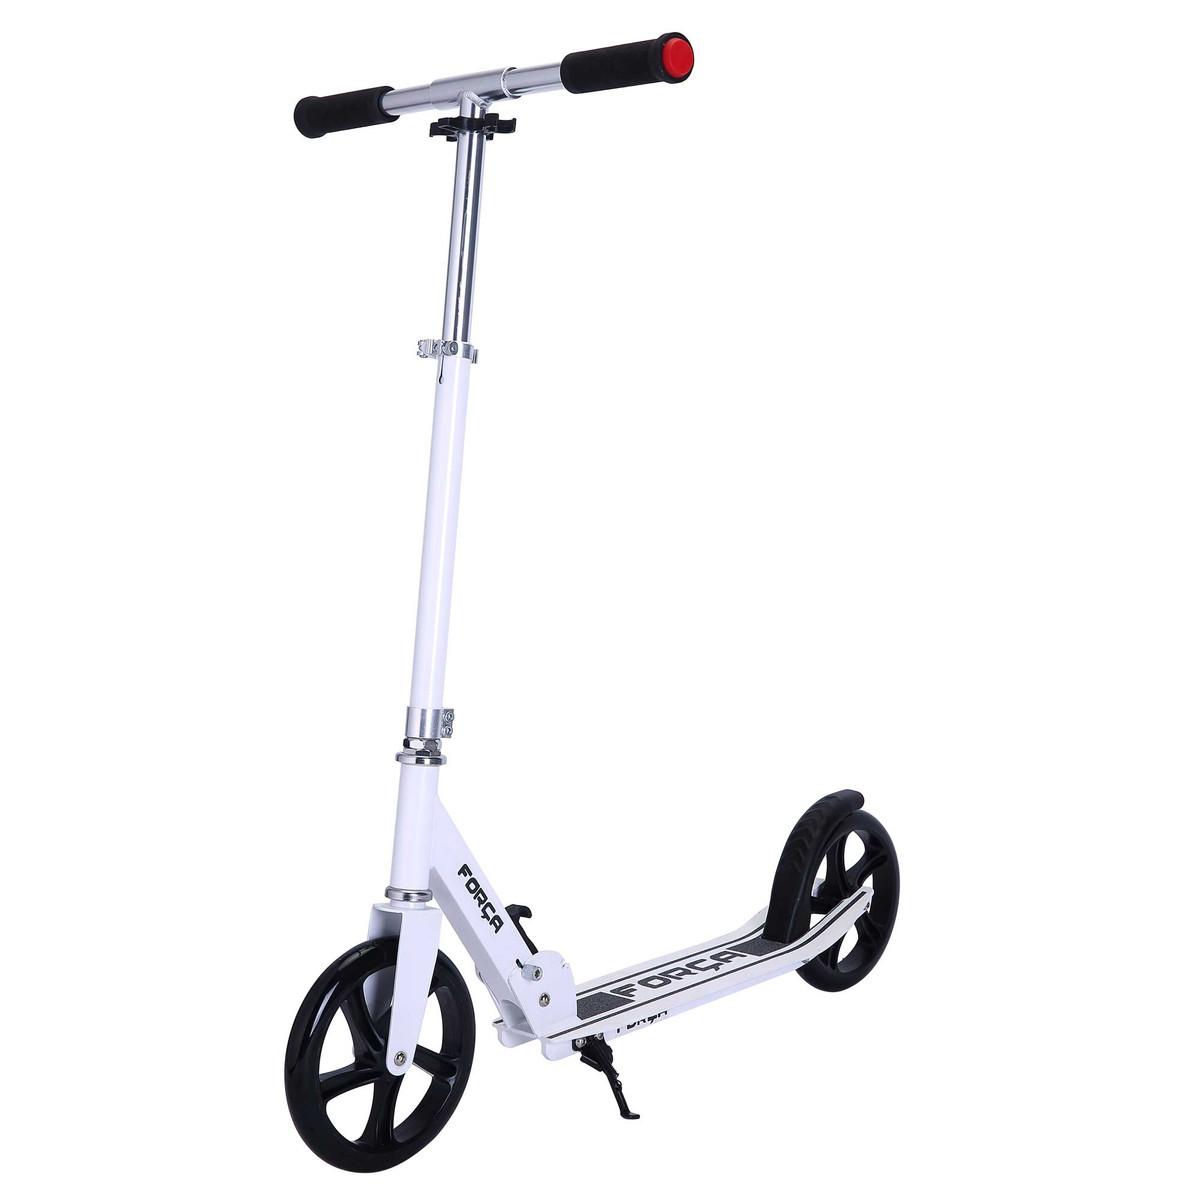 FORÇA Flake 12 Big Wheel City Scooter für Erwachsene und Kinder in Weiß